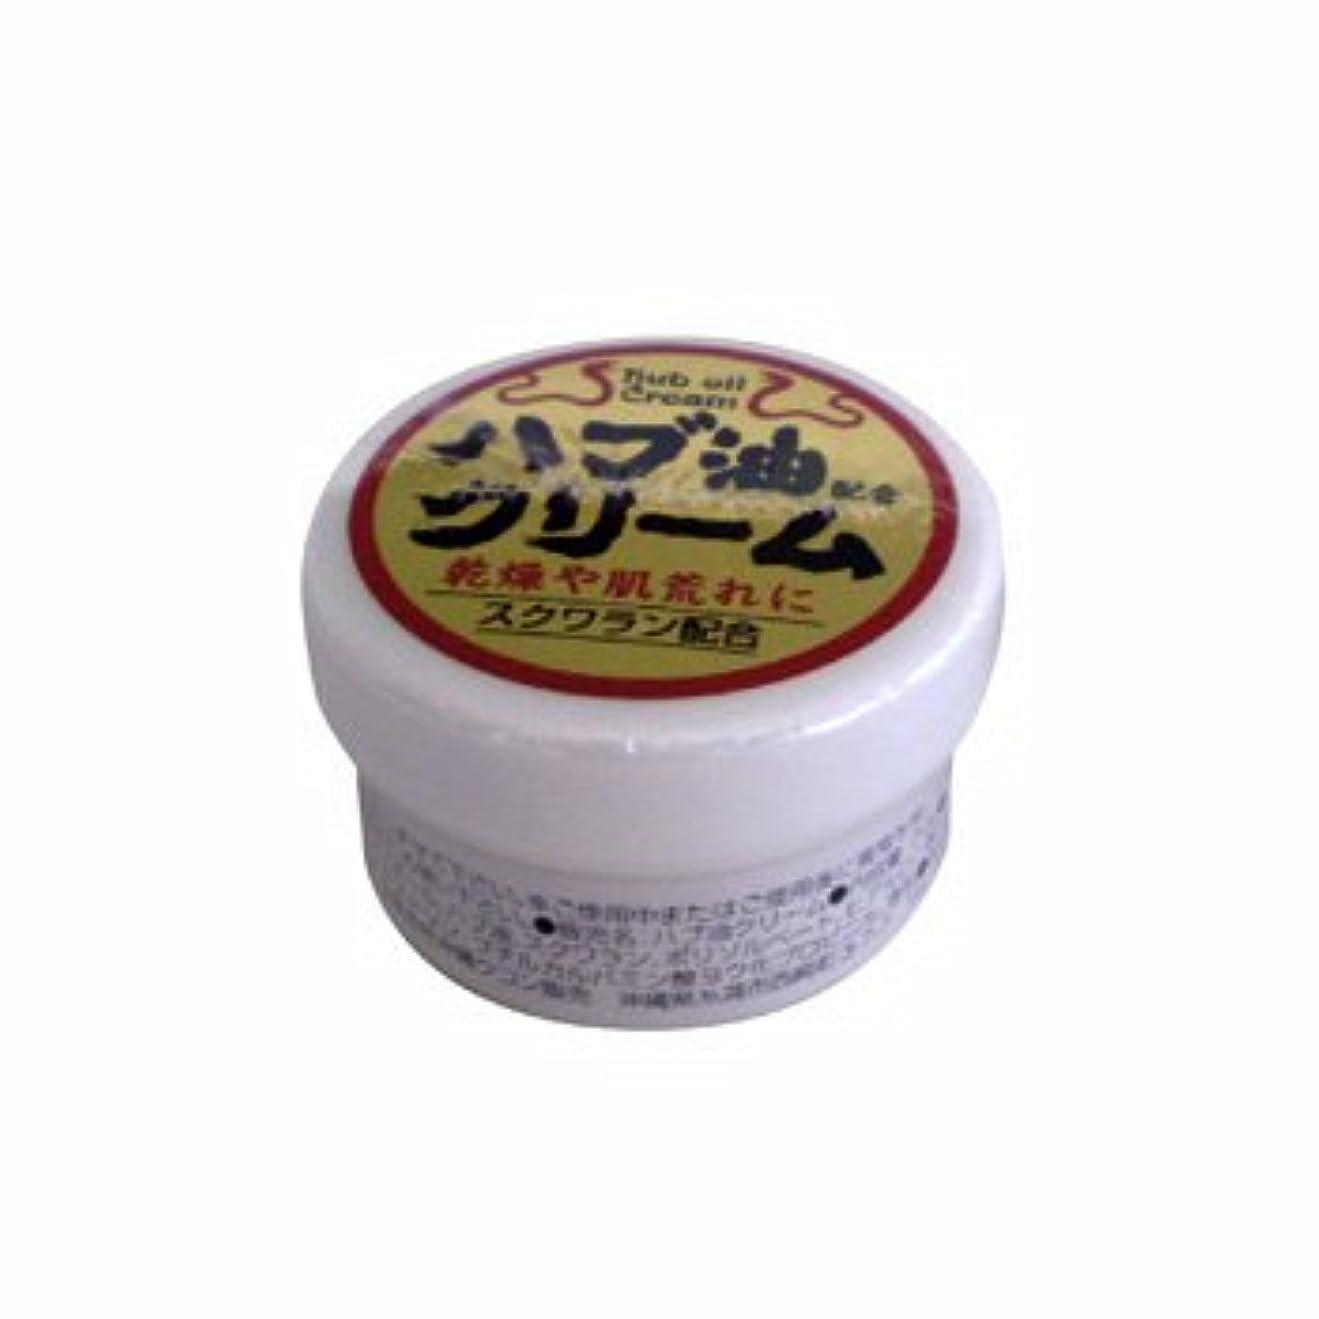 ブロックグレーキリンハブ油配合クリーム 10個【1個?20g】